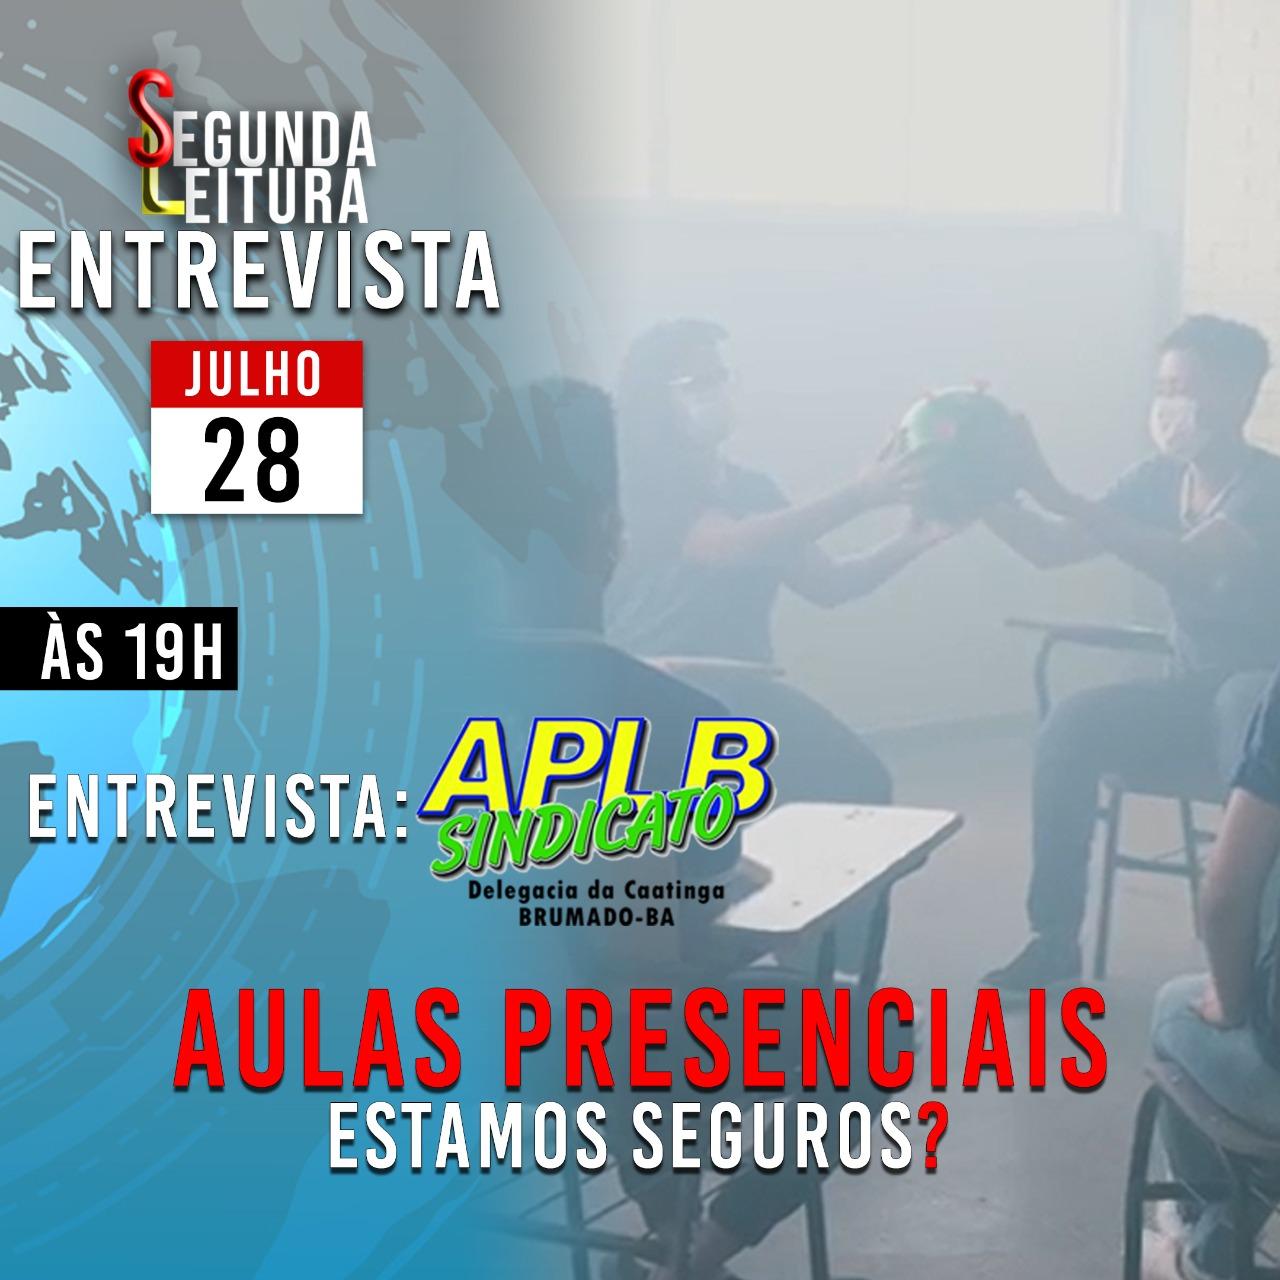 Entrevista: APLB sindicato